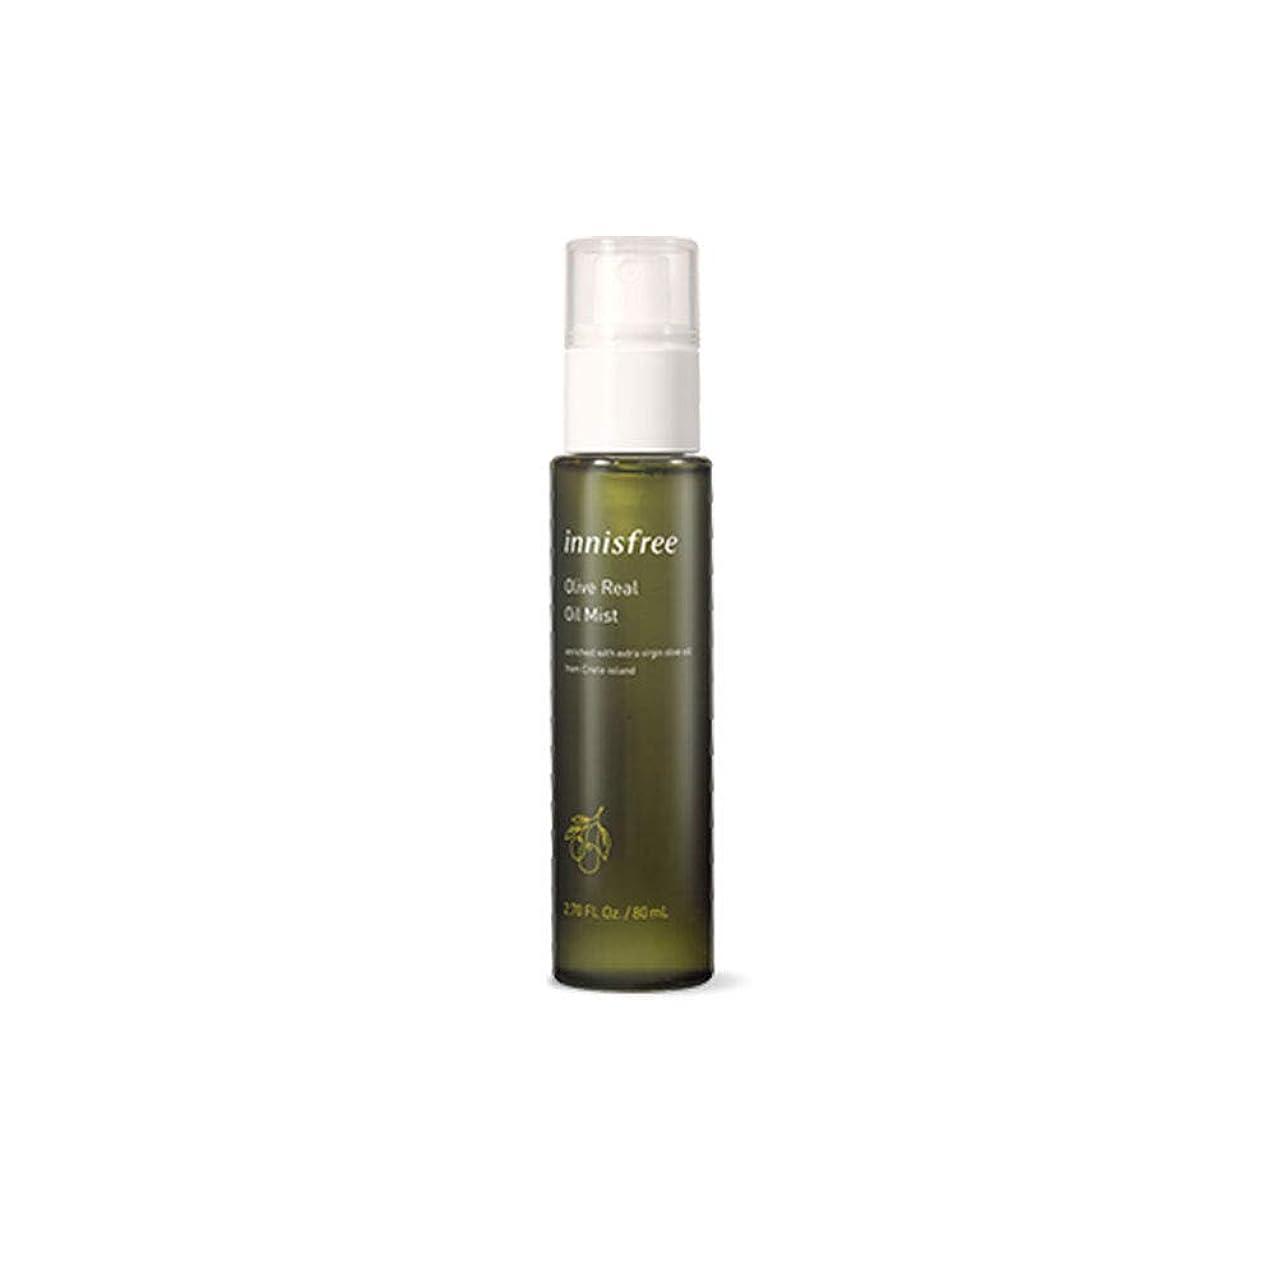 アサート公平敬意NEW[イニスフリー] Innisfree オリーブ リアル オイル ミスト EX(80ml) Innisfree Olive Real Oil Mist EX(80ml) [海外直送品]